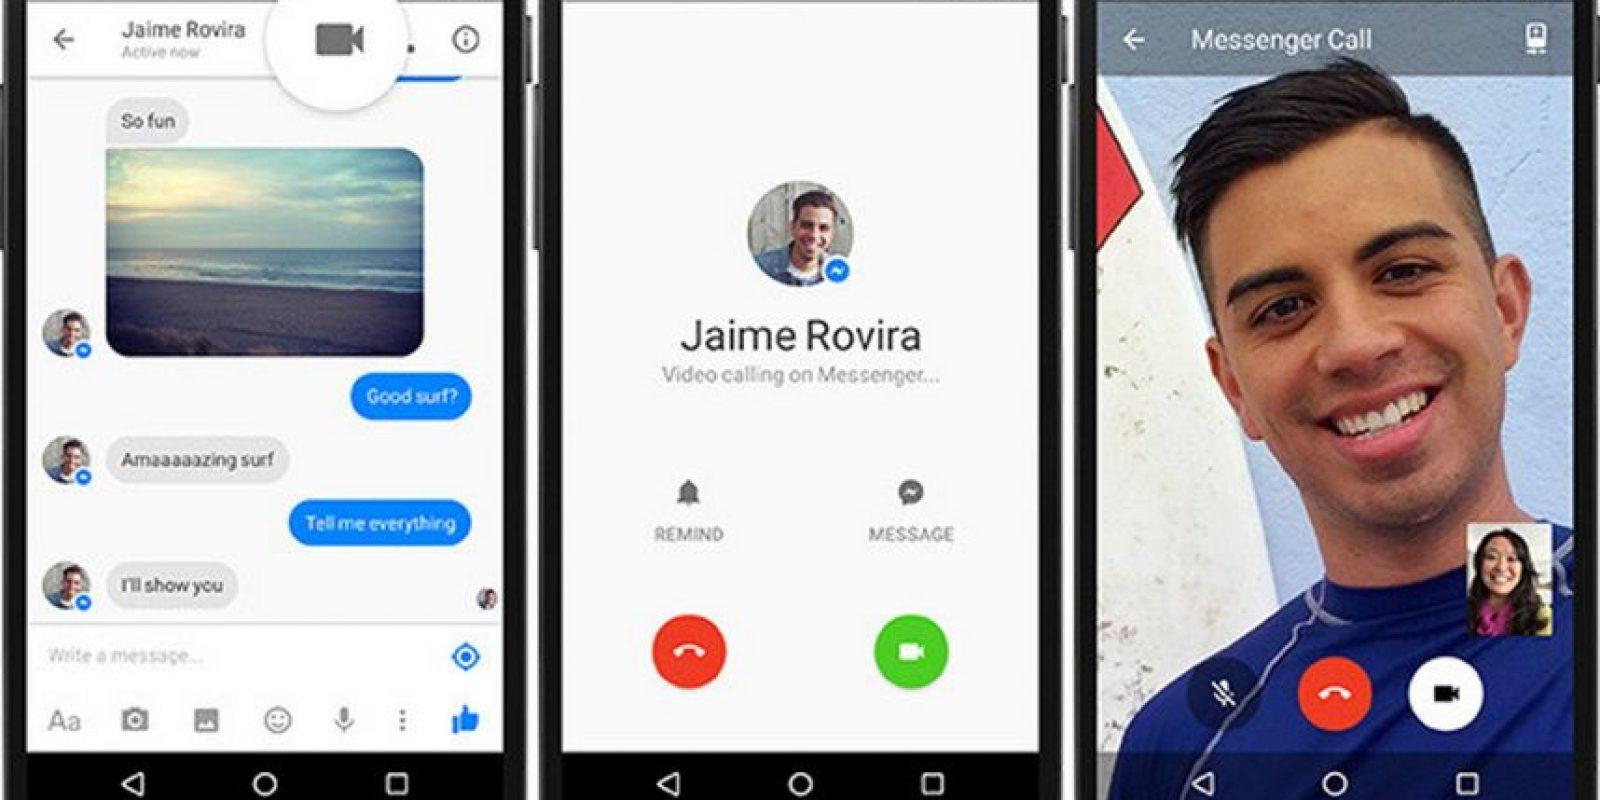 Las videollamadas para móviles por Wi-Fi también fueron anunciadas recientemente Foto:Facebook